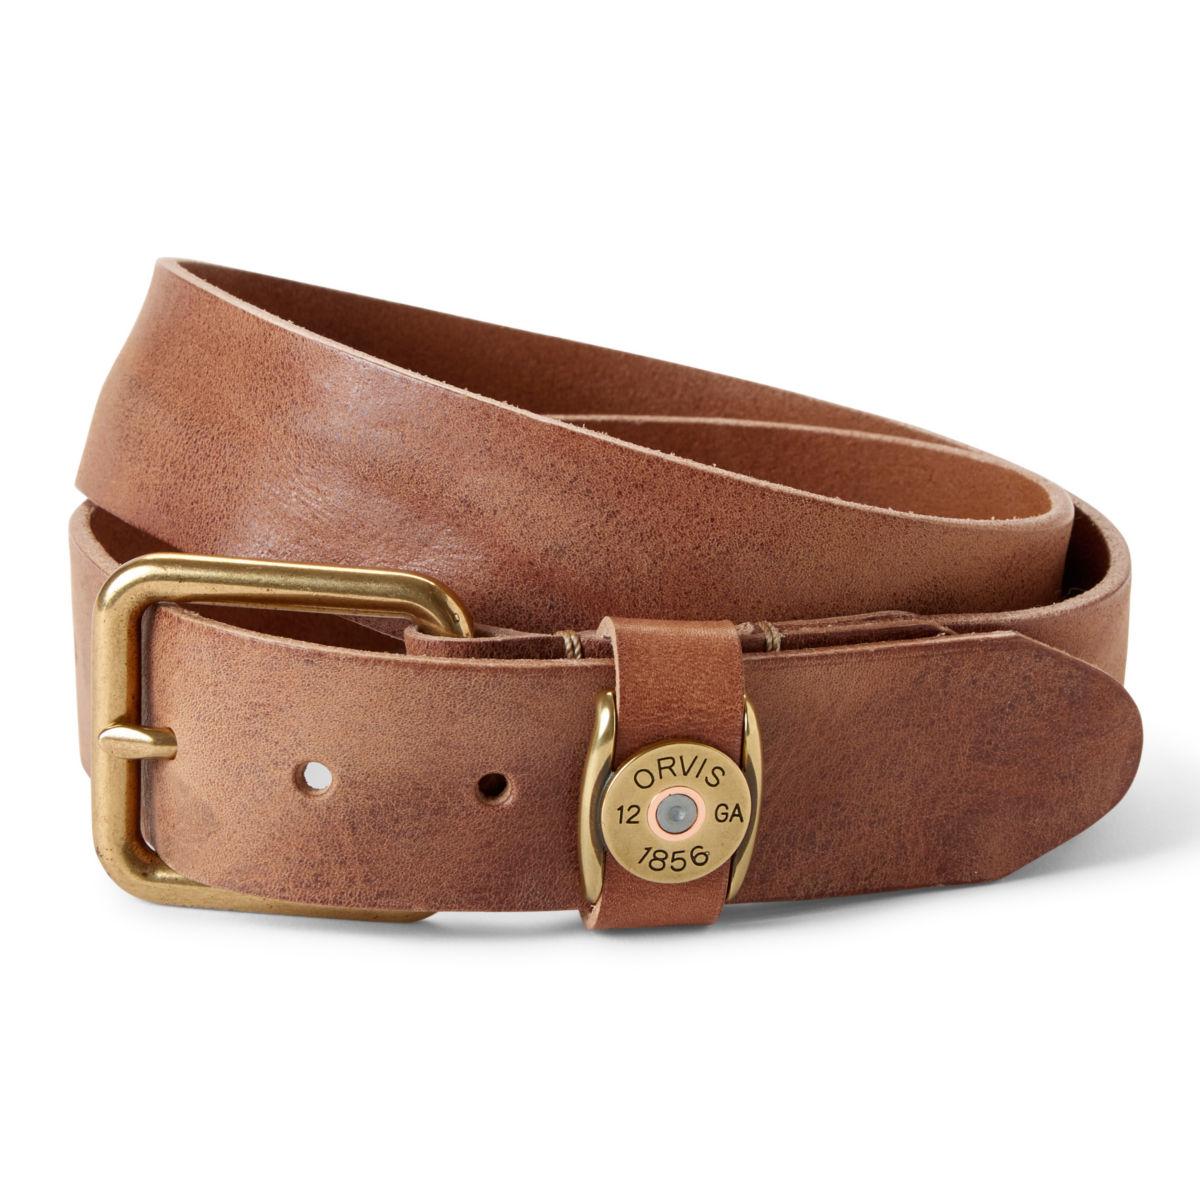 Vintage Leather Shotshell Belt - image number 0